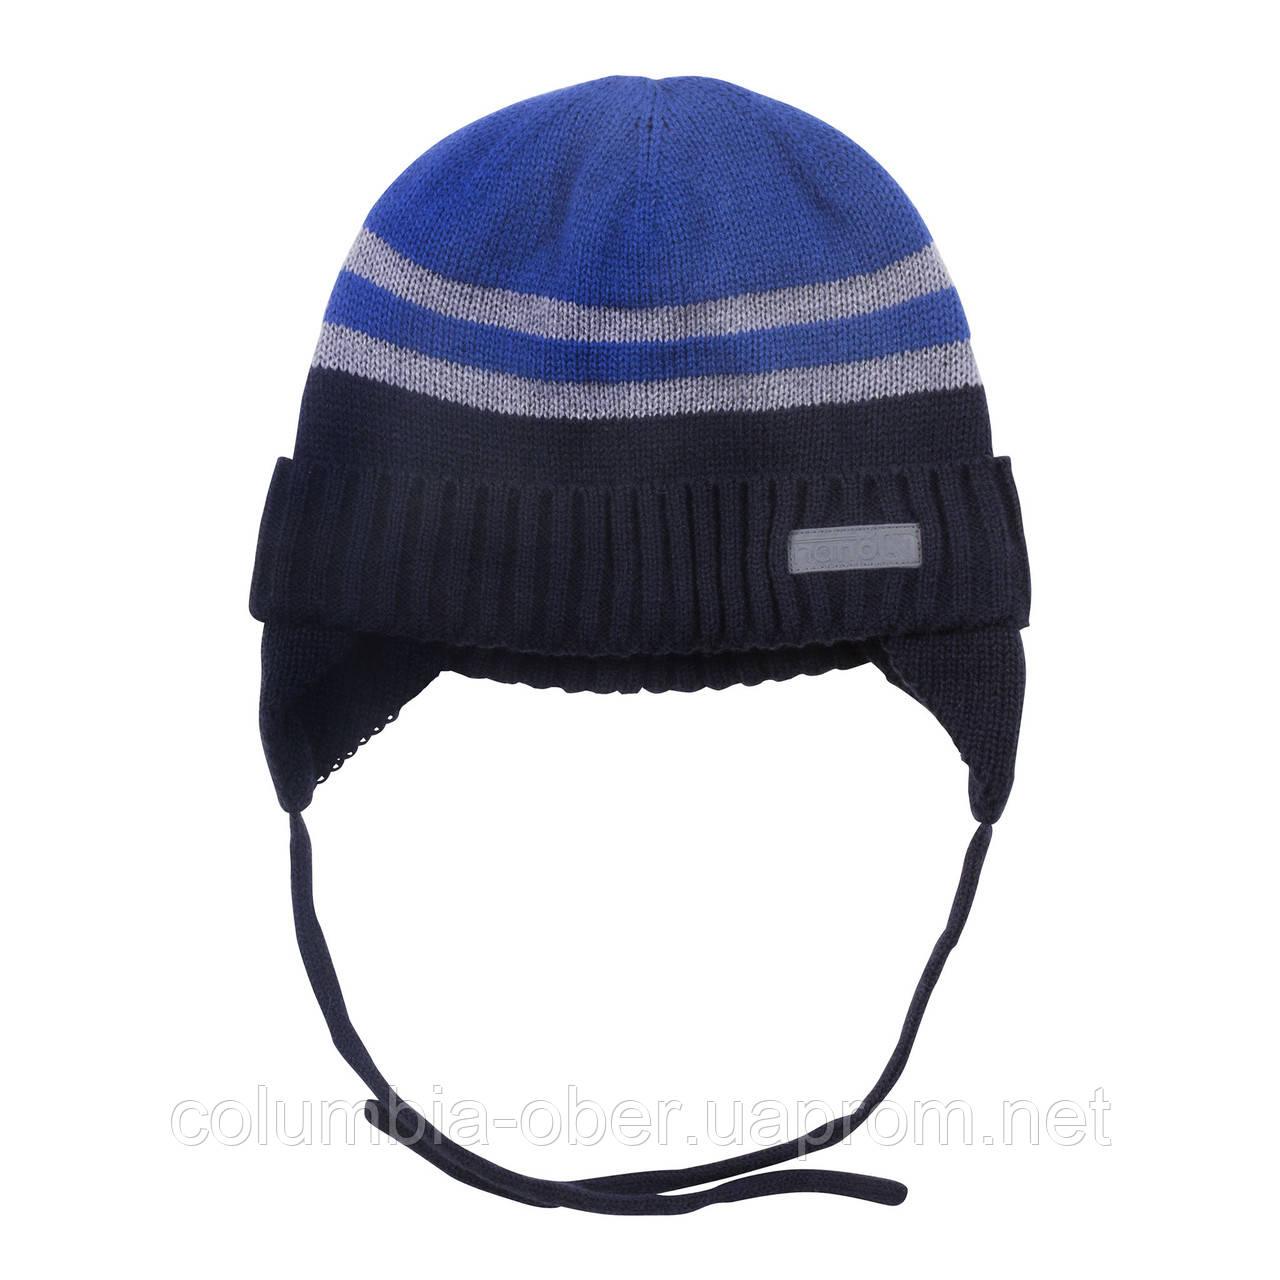 Зимняя детская шапка для мальчика Nano F18 TU 251 Navy. Размеры 6/12 мес - 5/6X.